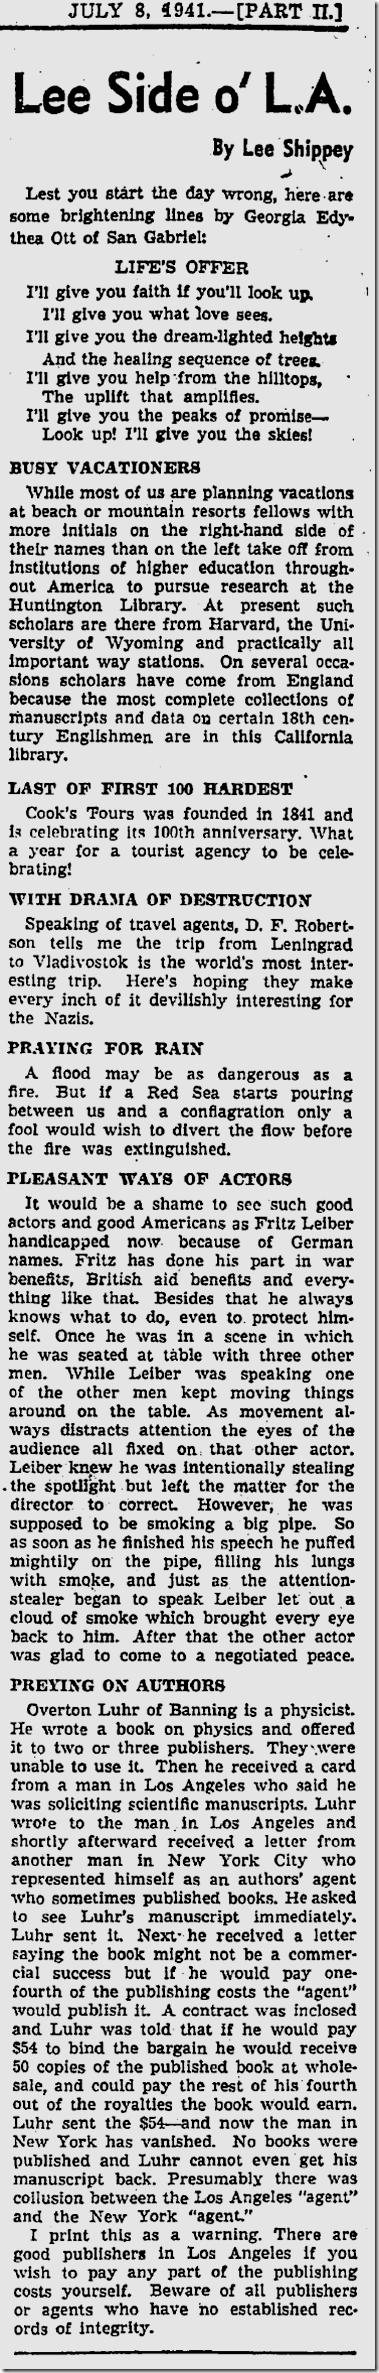 July 8, 1941, Lee Shippey